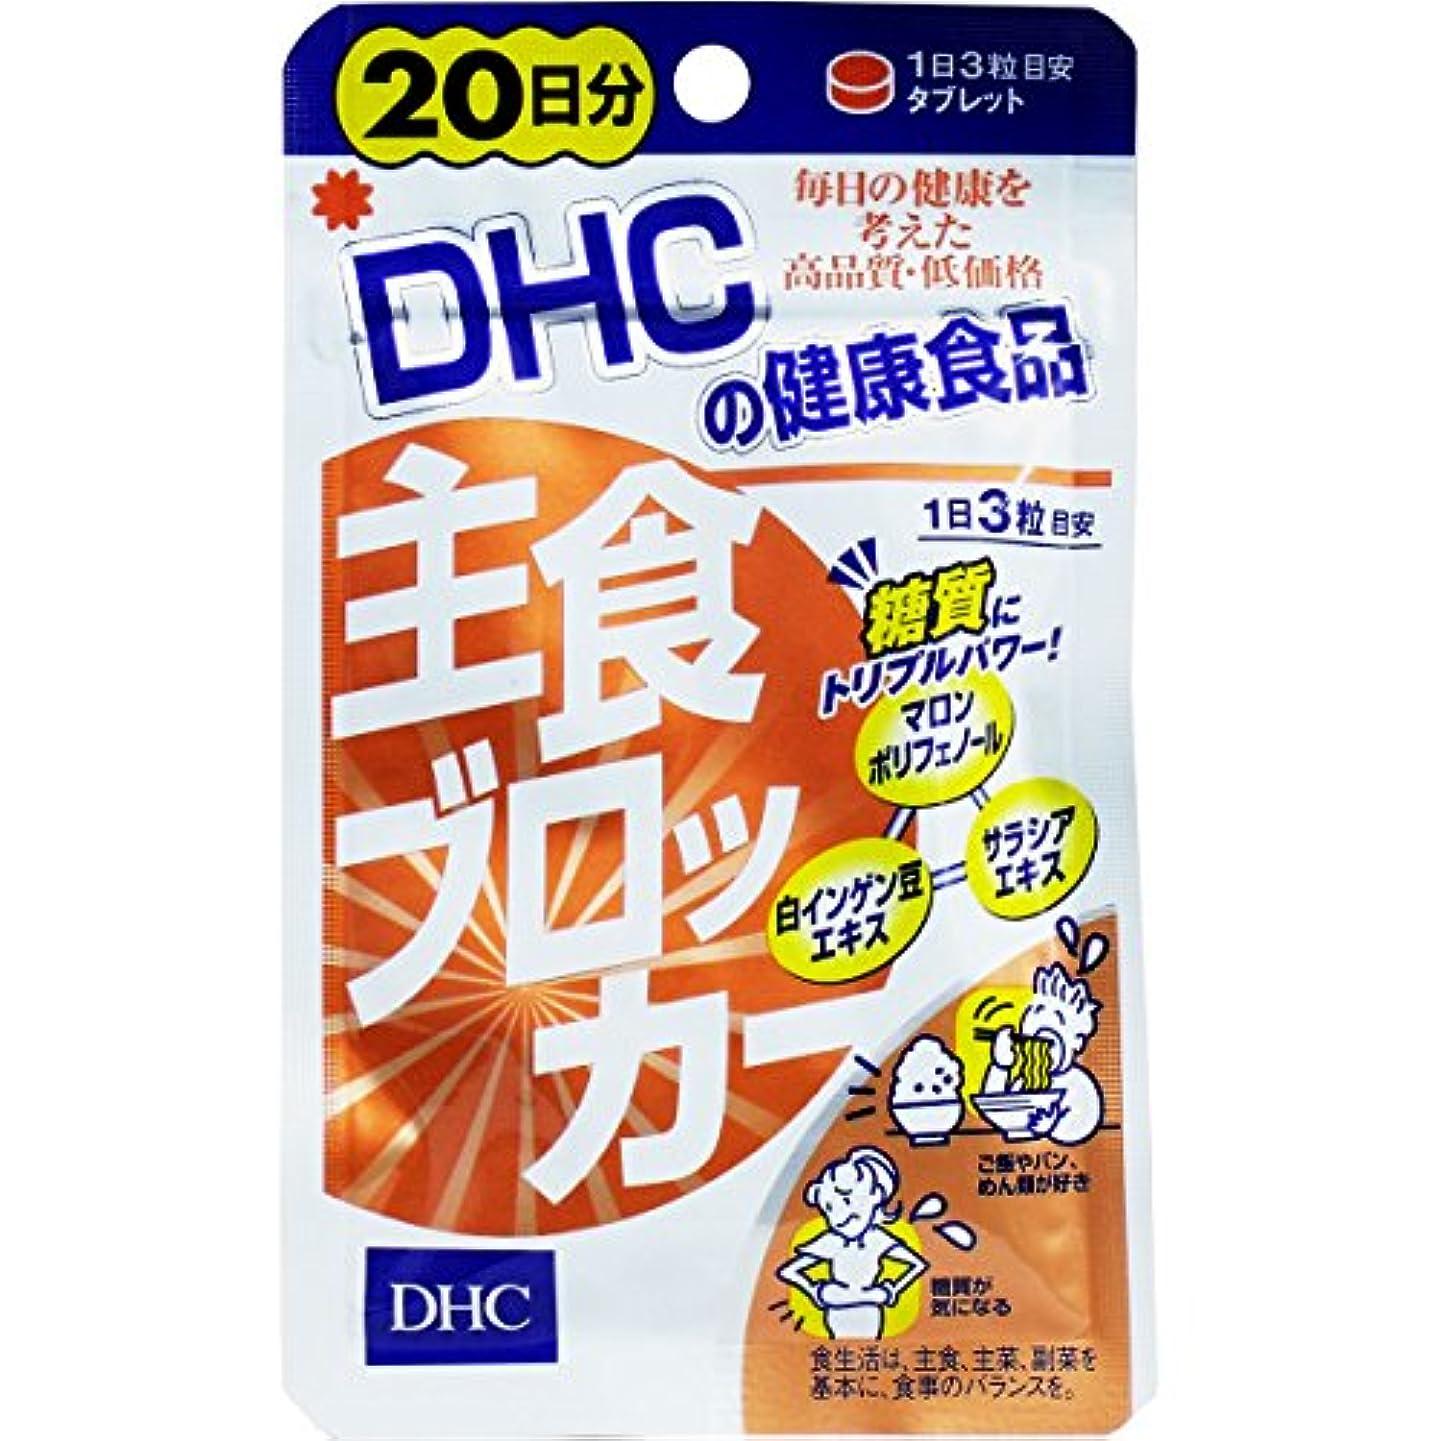 追跡作業止まるサプリ 主食好きさんの、健康とダイエットに 話題の DHC 主食ブロッカー 20日分 60粒入